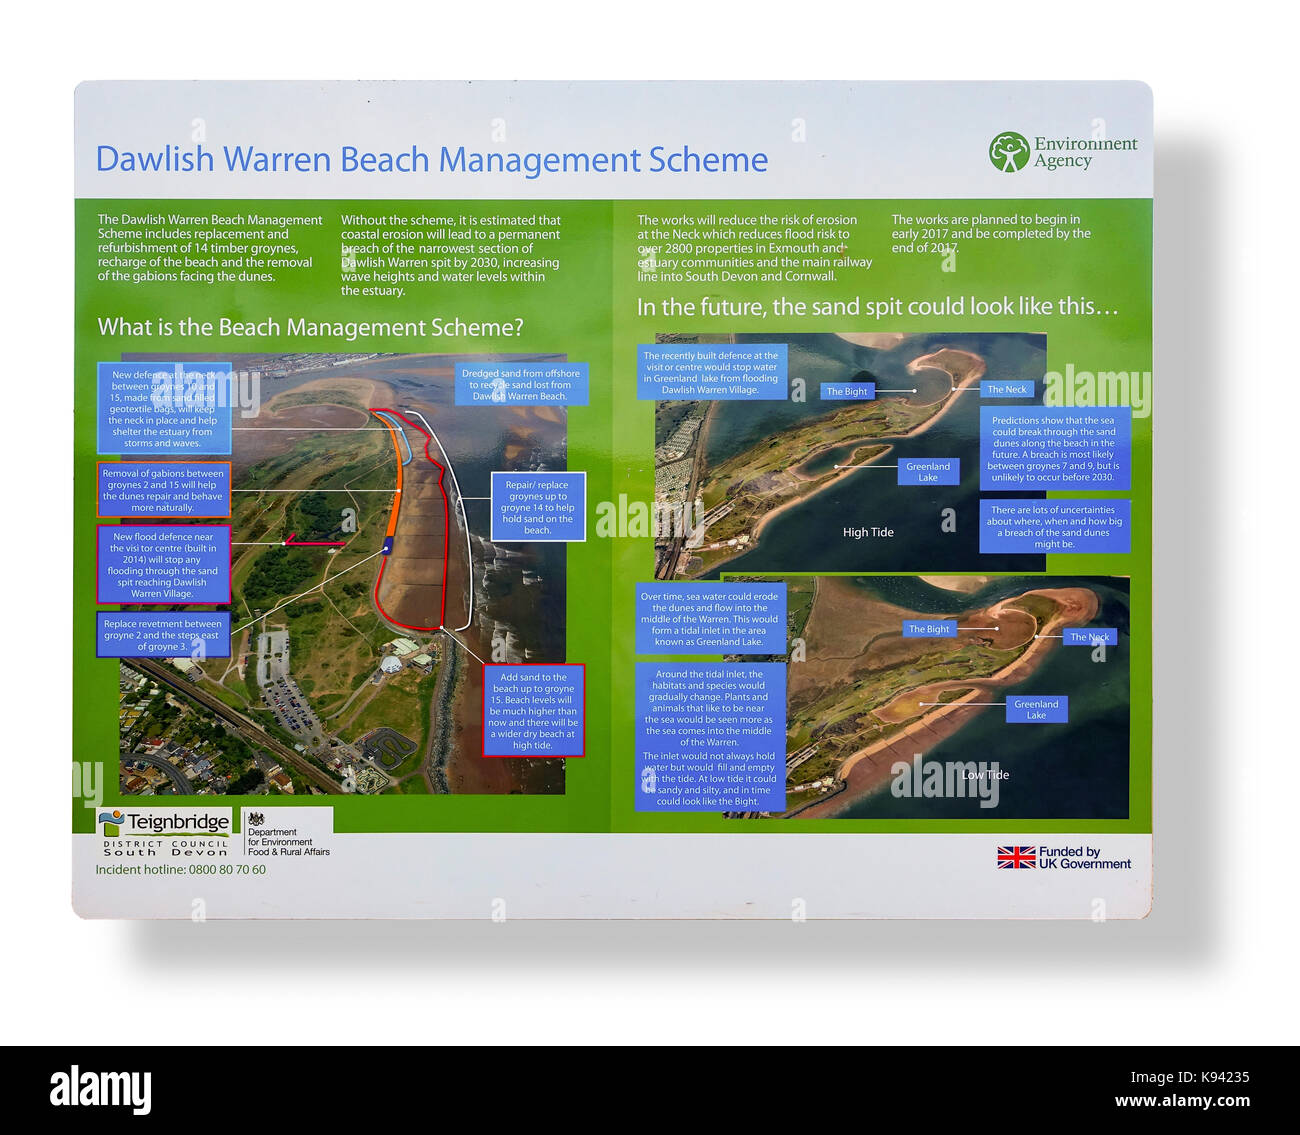 Dawlish Warren Beach Management Sign - Devon - Stock Image